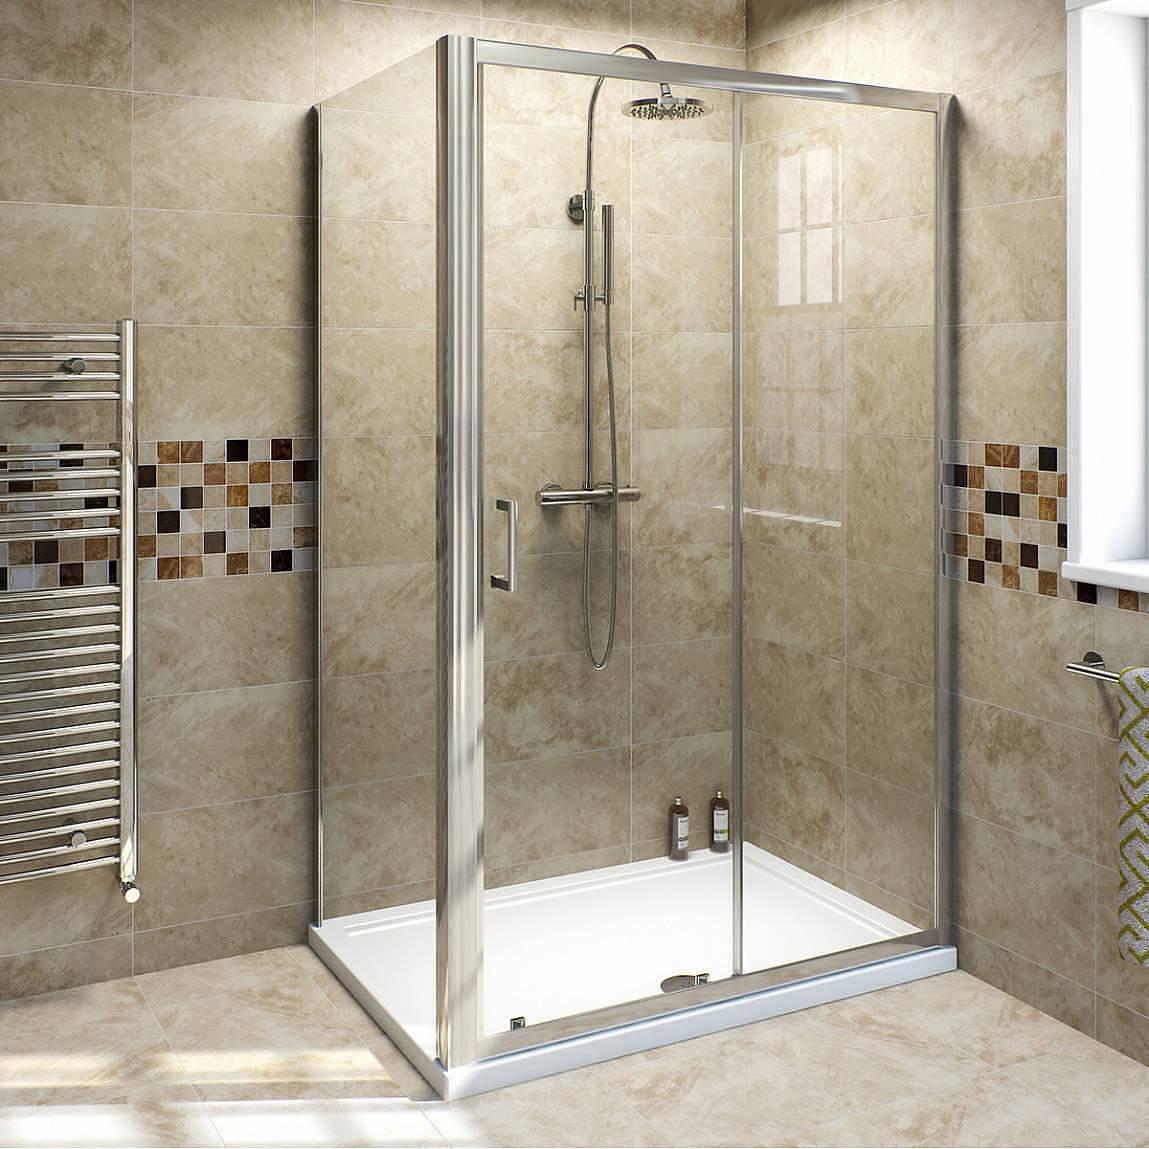 Image of V6 Sliding Shower Enclosure 1100 x 760